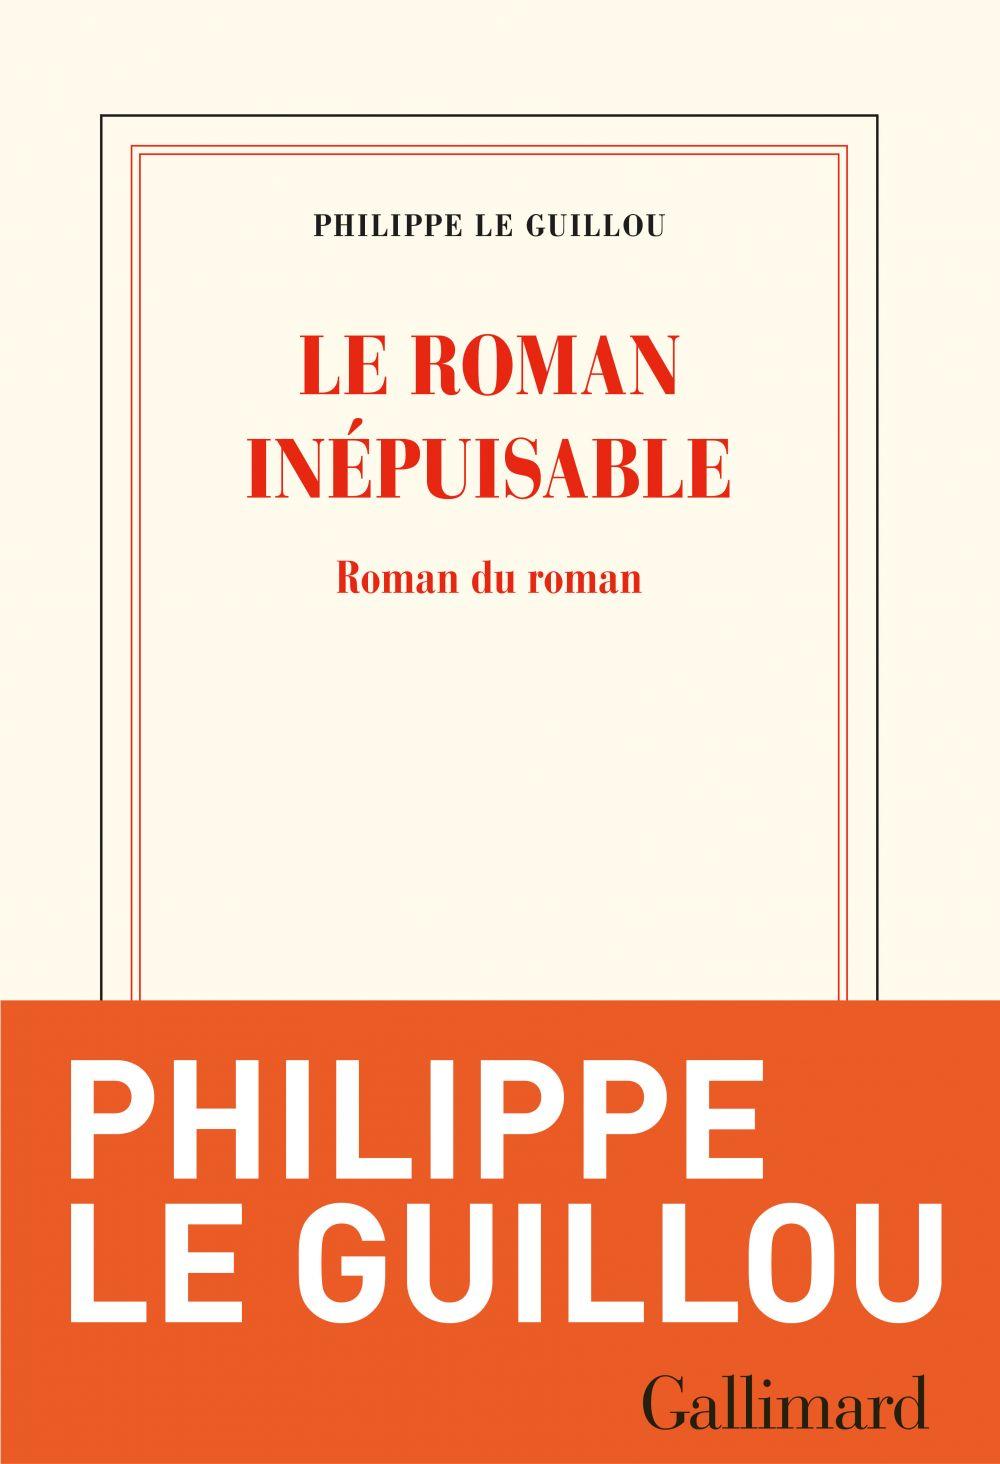 Le roman inépuisable. Roman du roman |